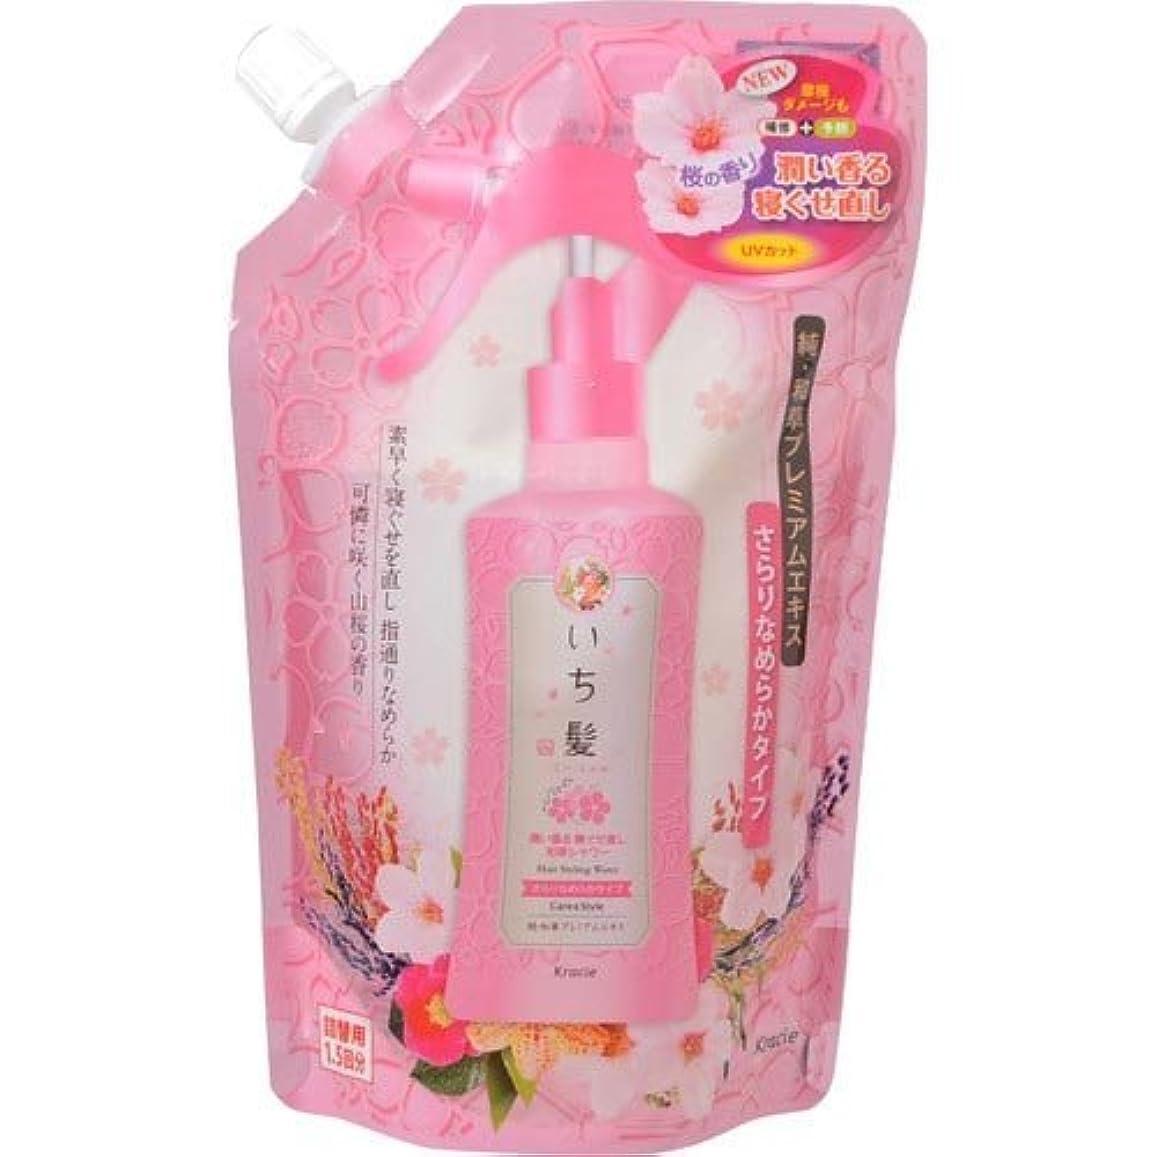 針記憶絶妙いち髪 潤い香る寝ぐせ直し和草シャワー さらりなめらかタイプ 詰替用 375mL